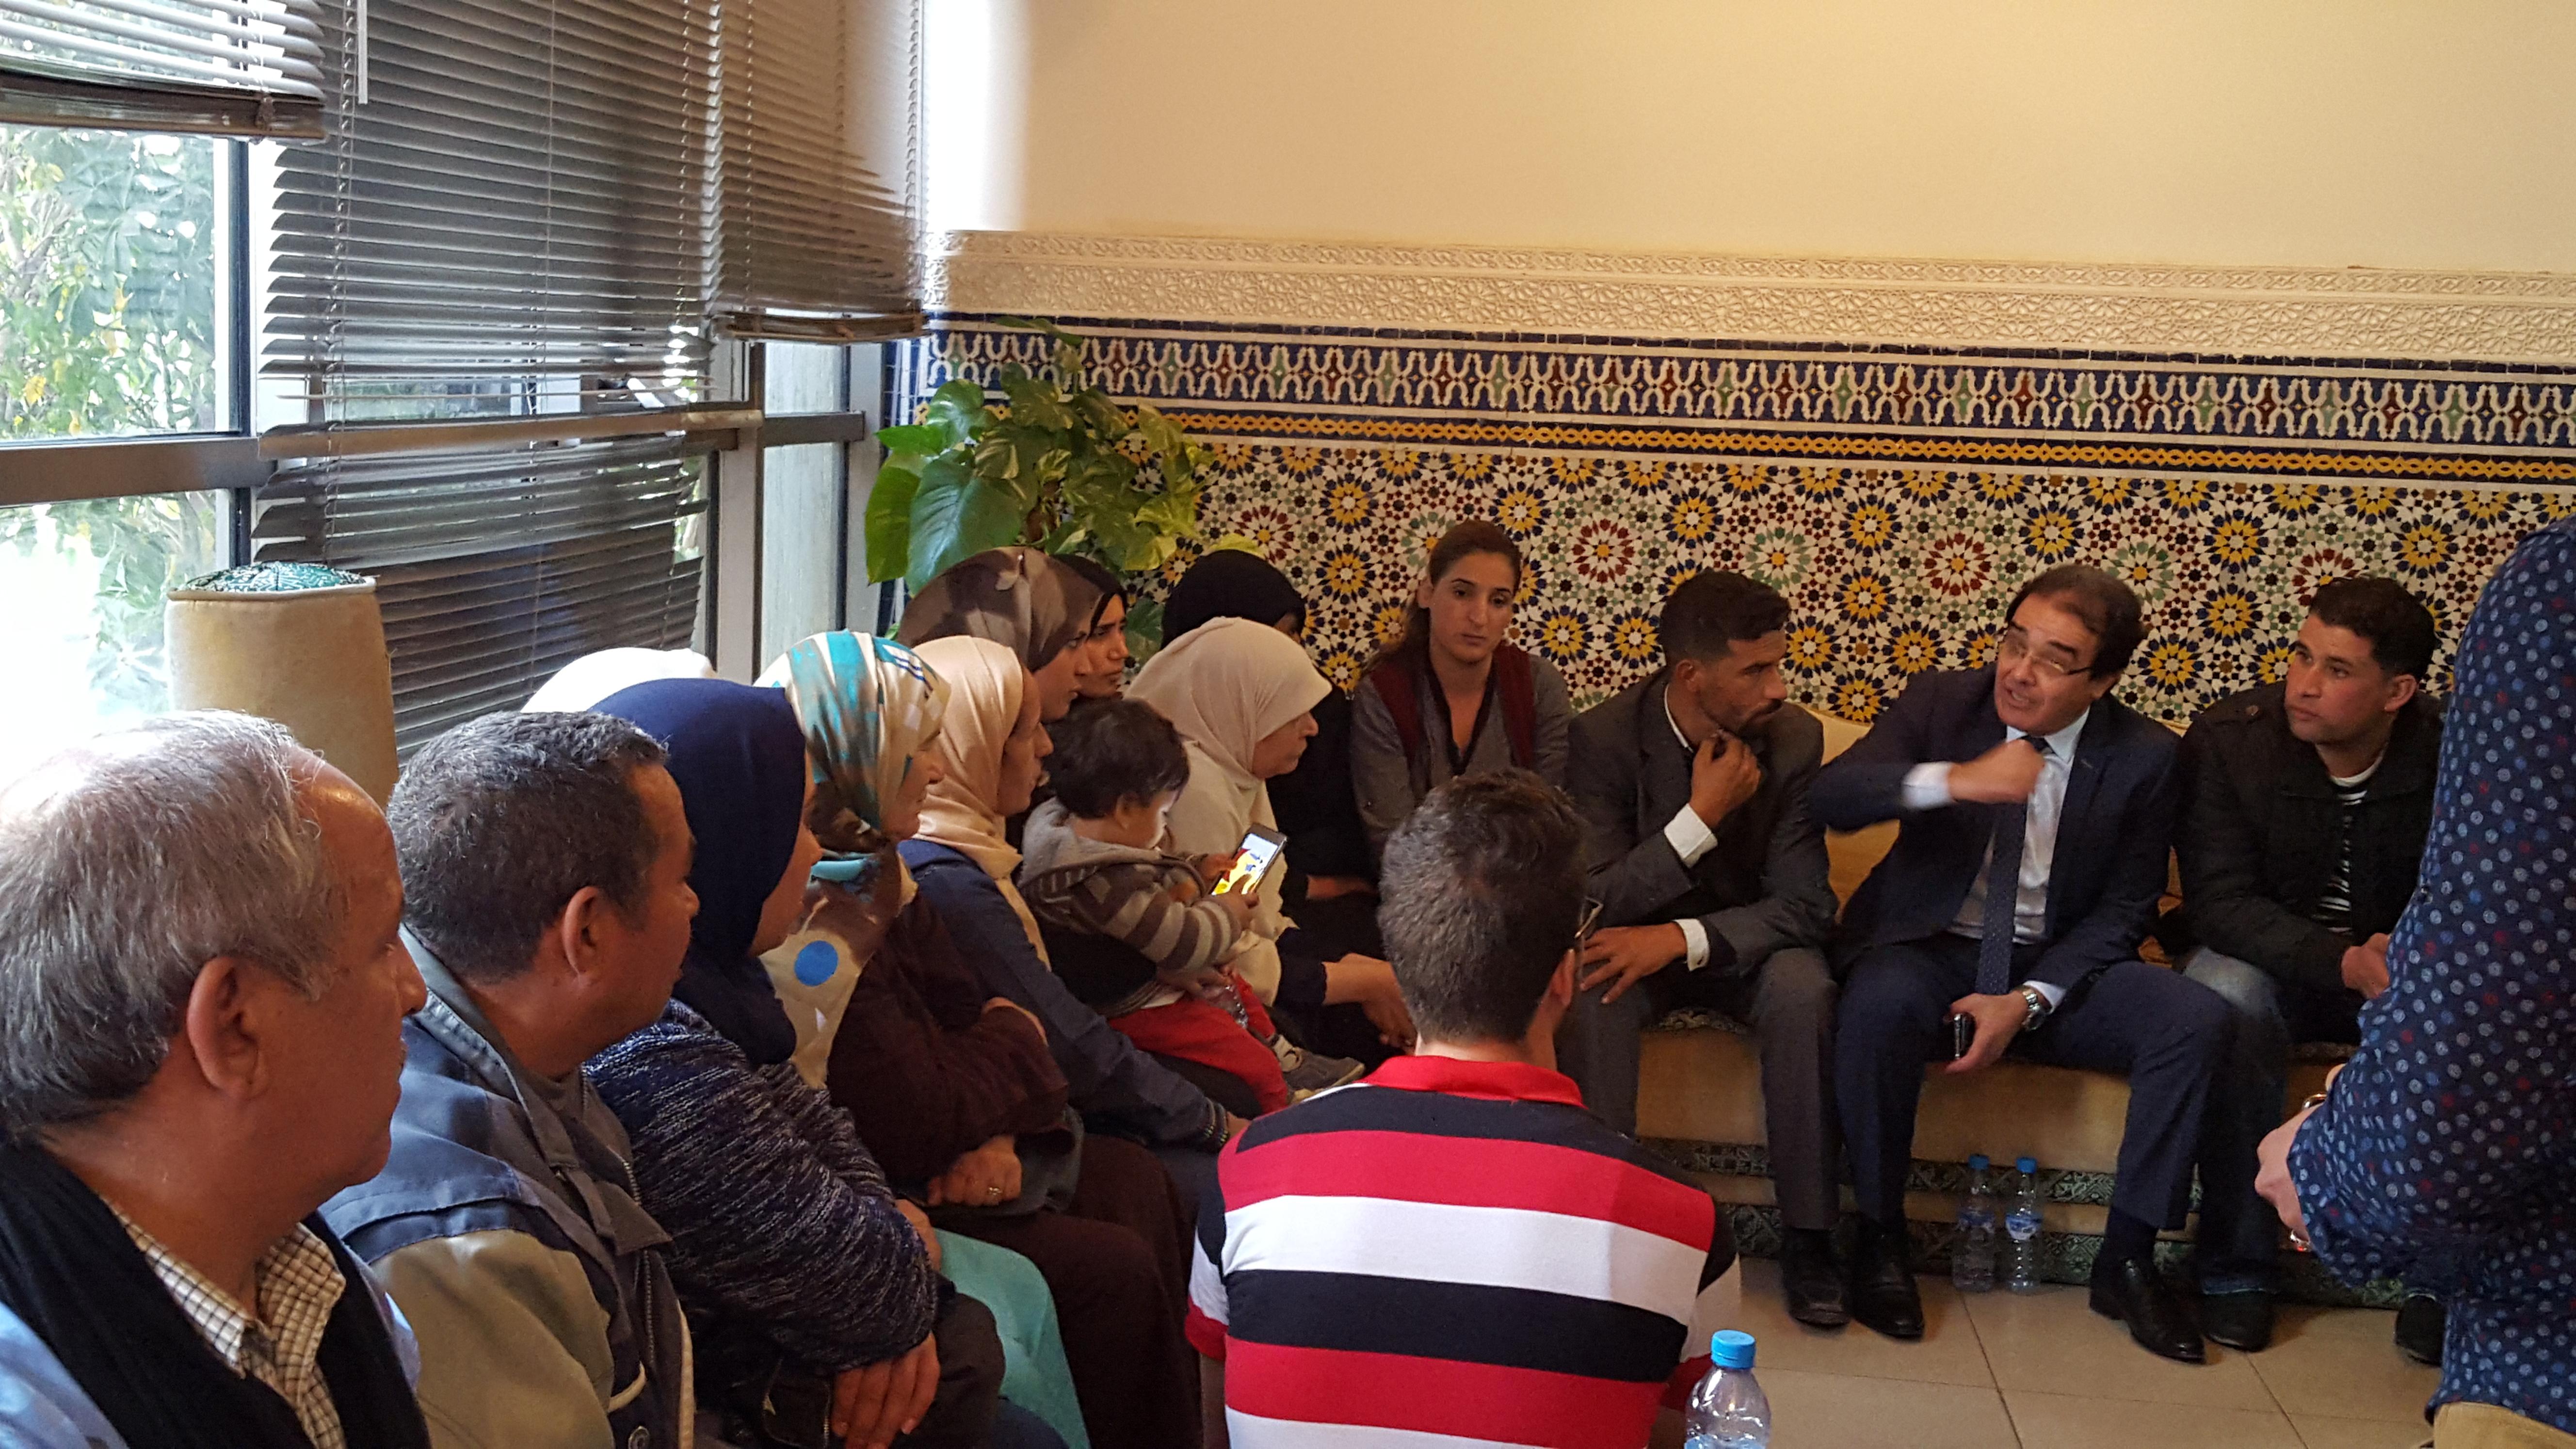 بنعتيق يطمأن عائلات محتجزي ليبيا ويعدهم بحل في القريب